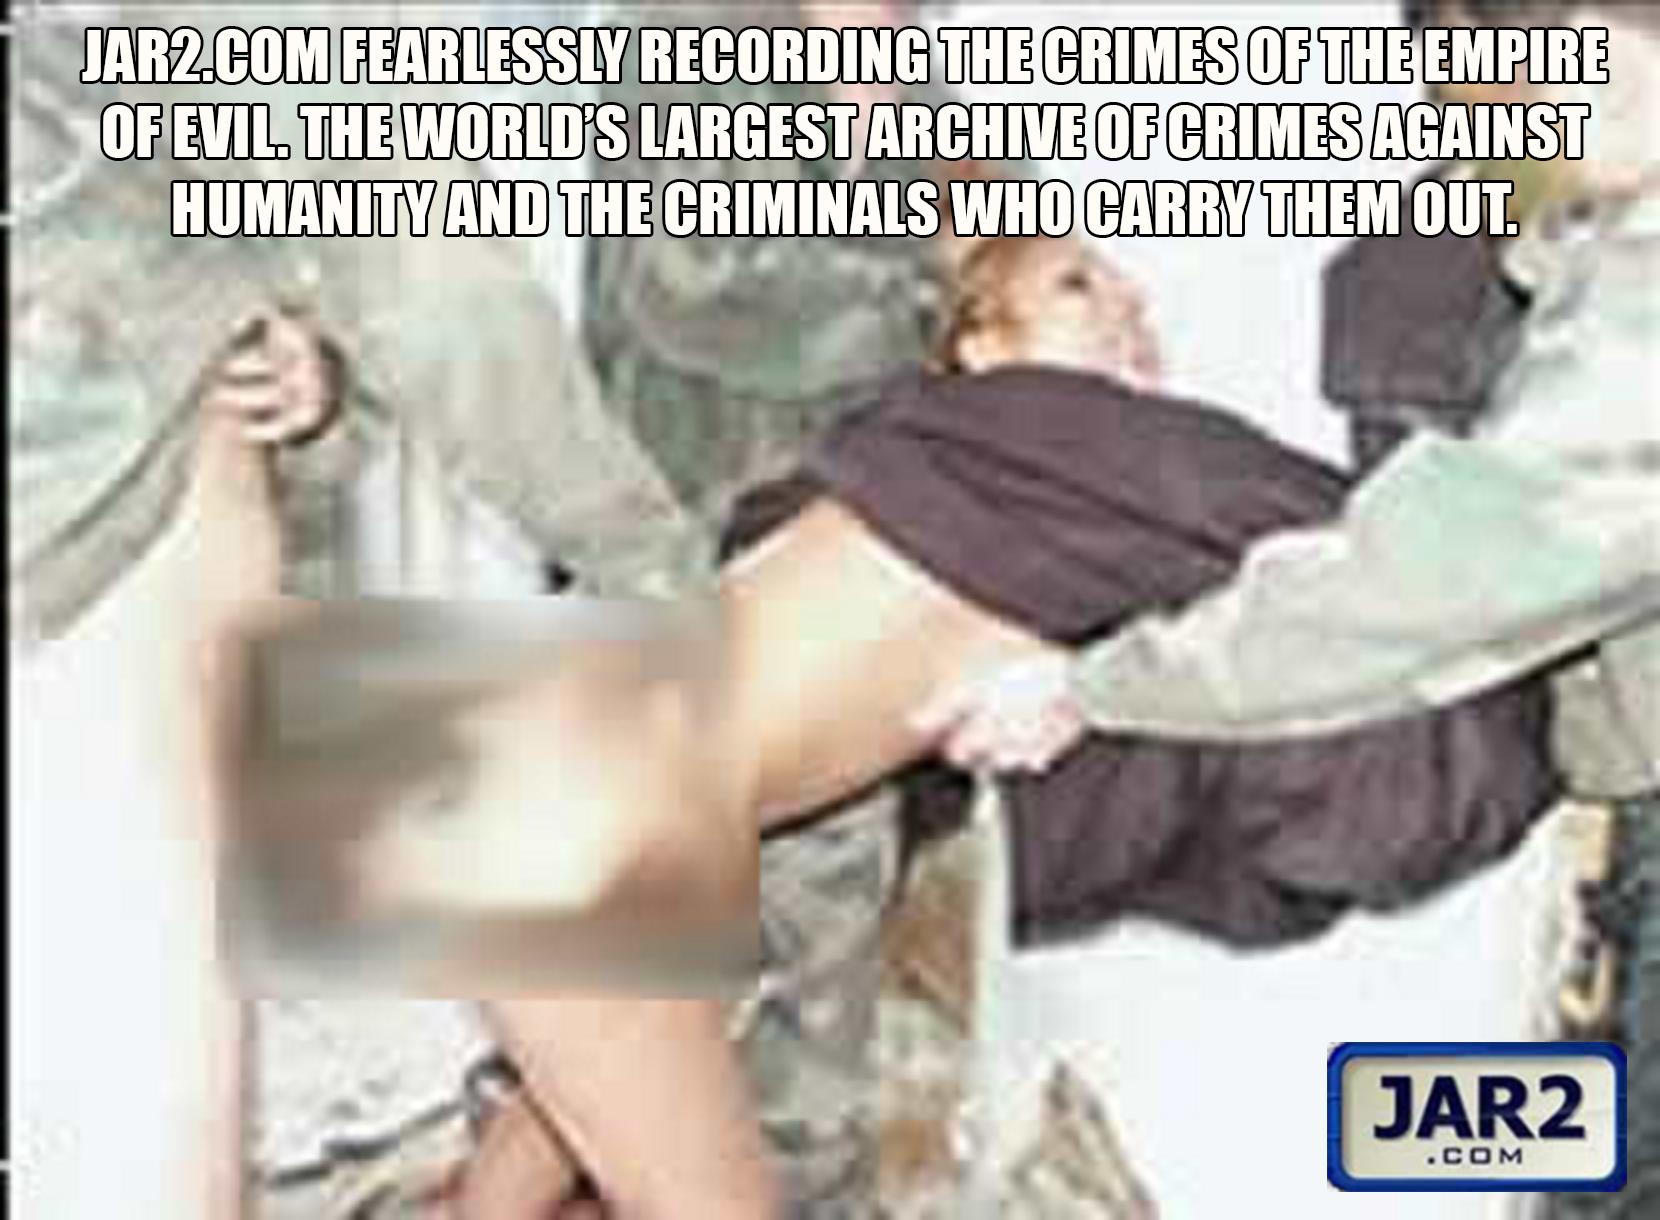 изнасилование парня порно онлайн бесплатно